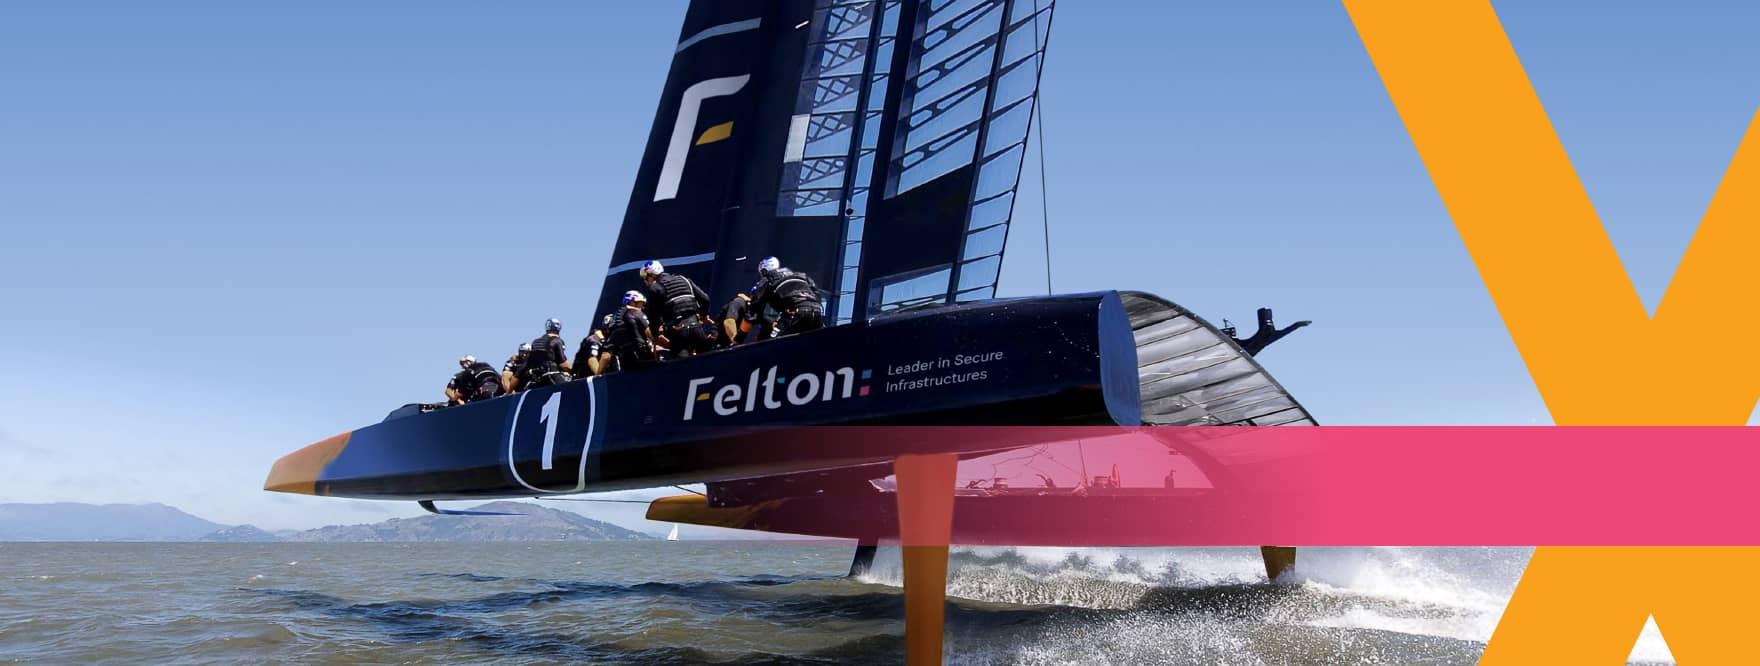 Felton hovercraft op het water